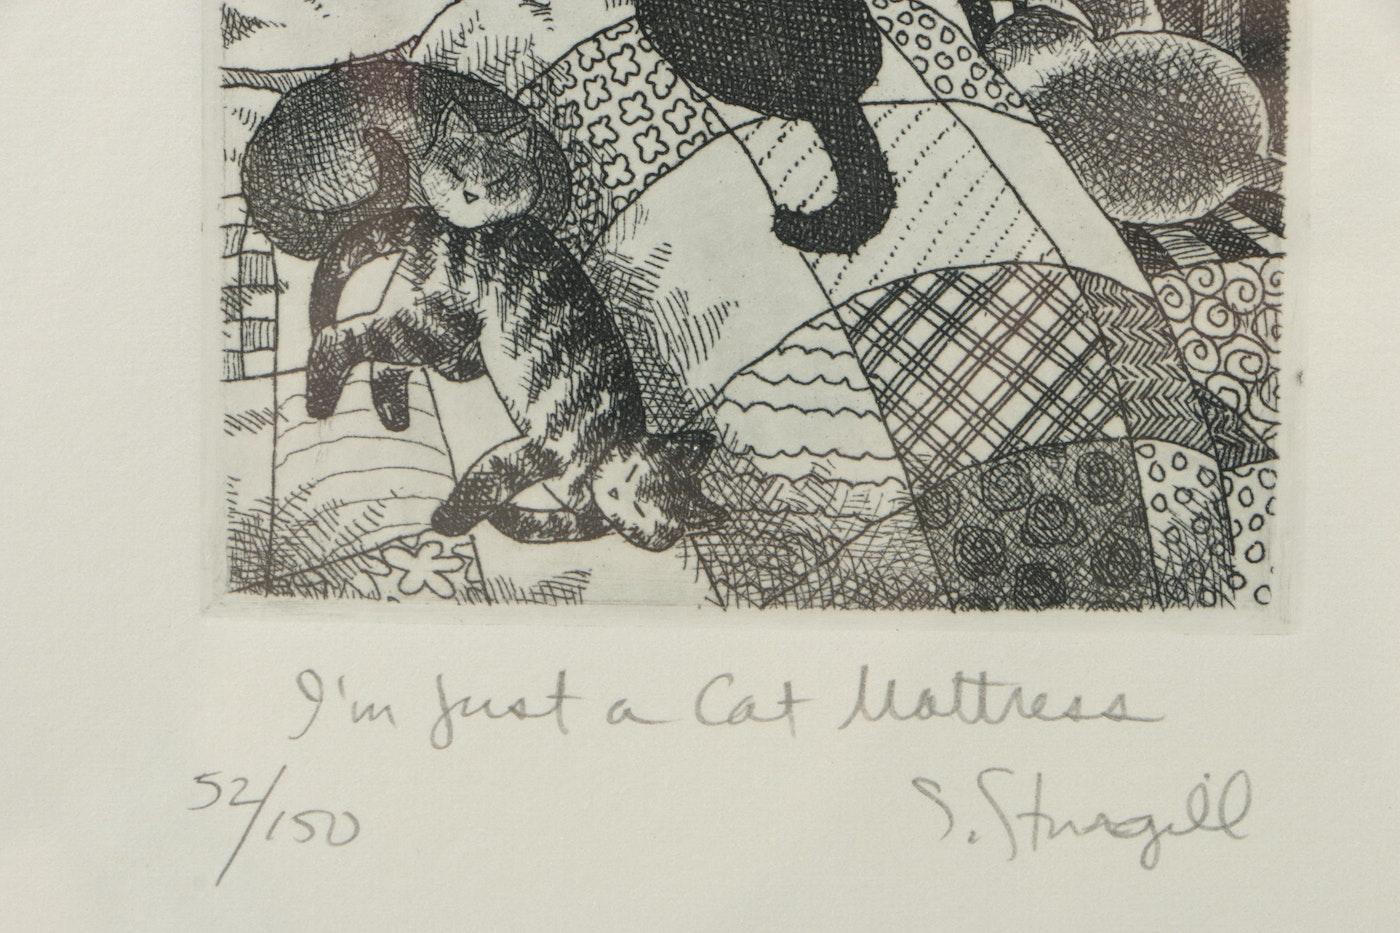 Susan Sturgill Etching Quot I M Just A Cat Mattress Quot Ebth